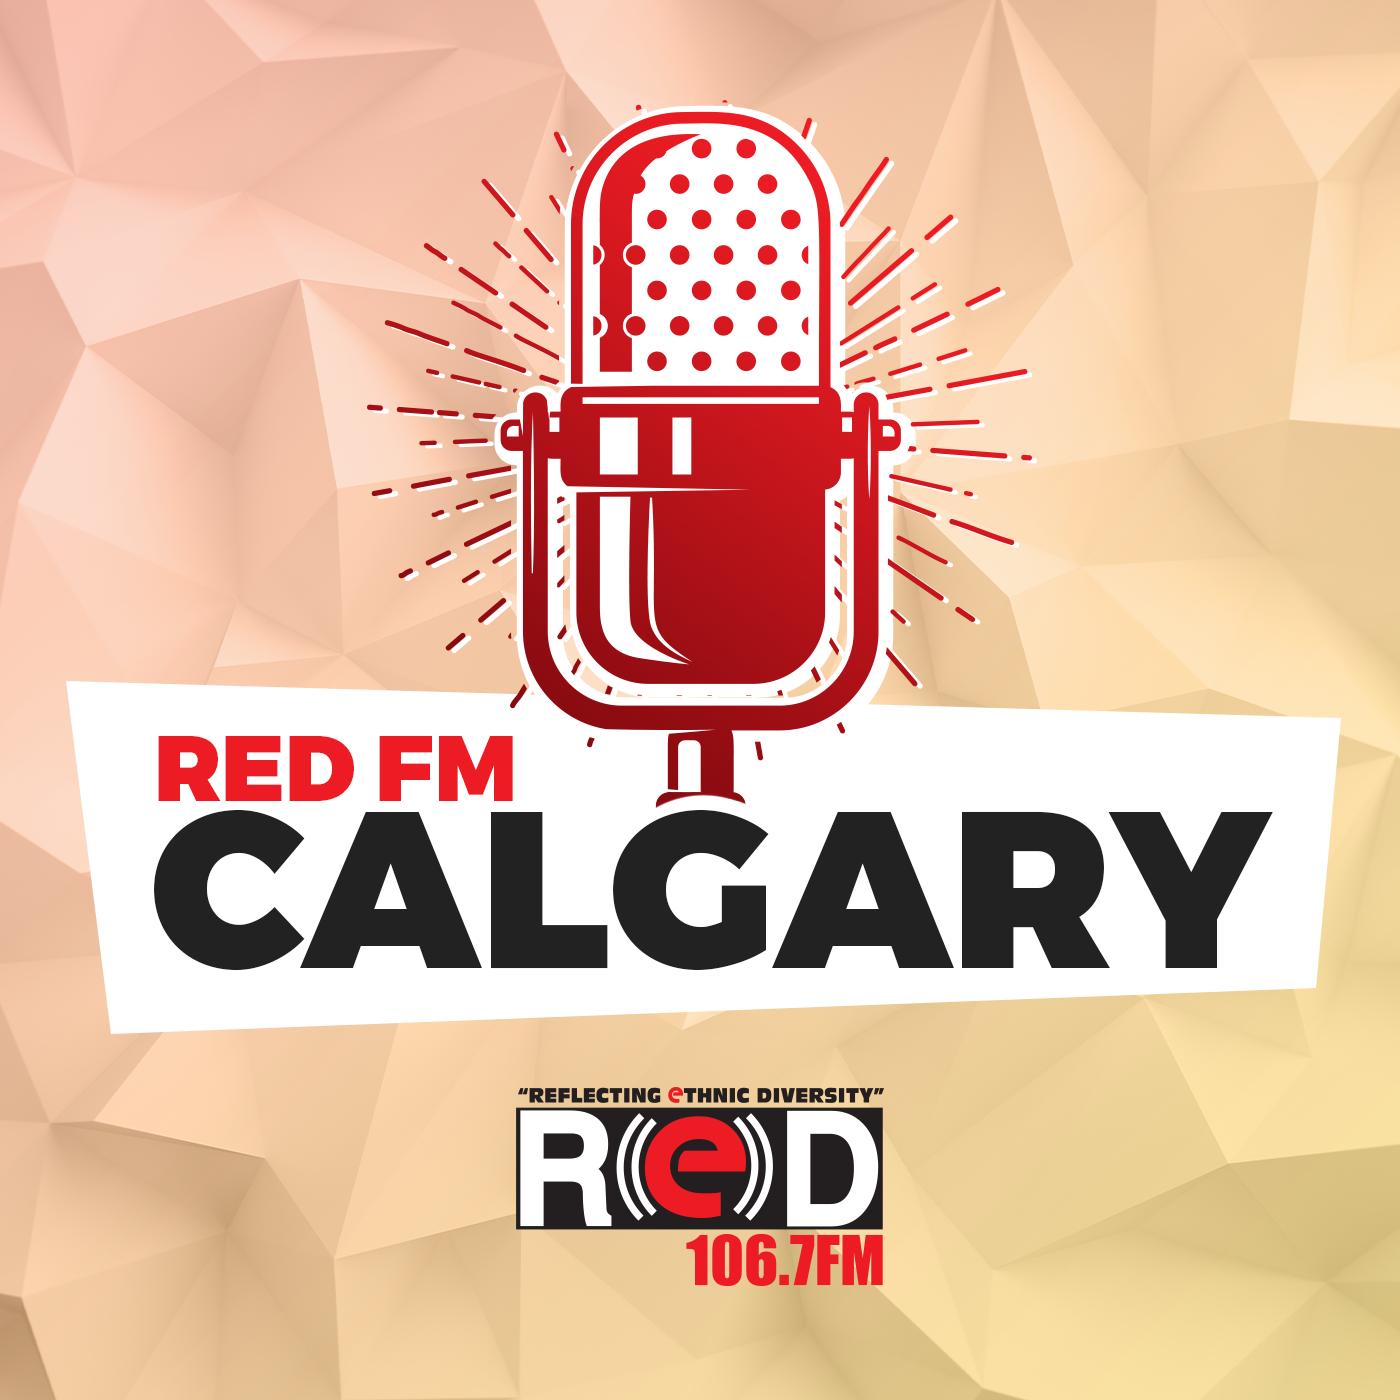 RED FM Calgary show art